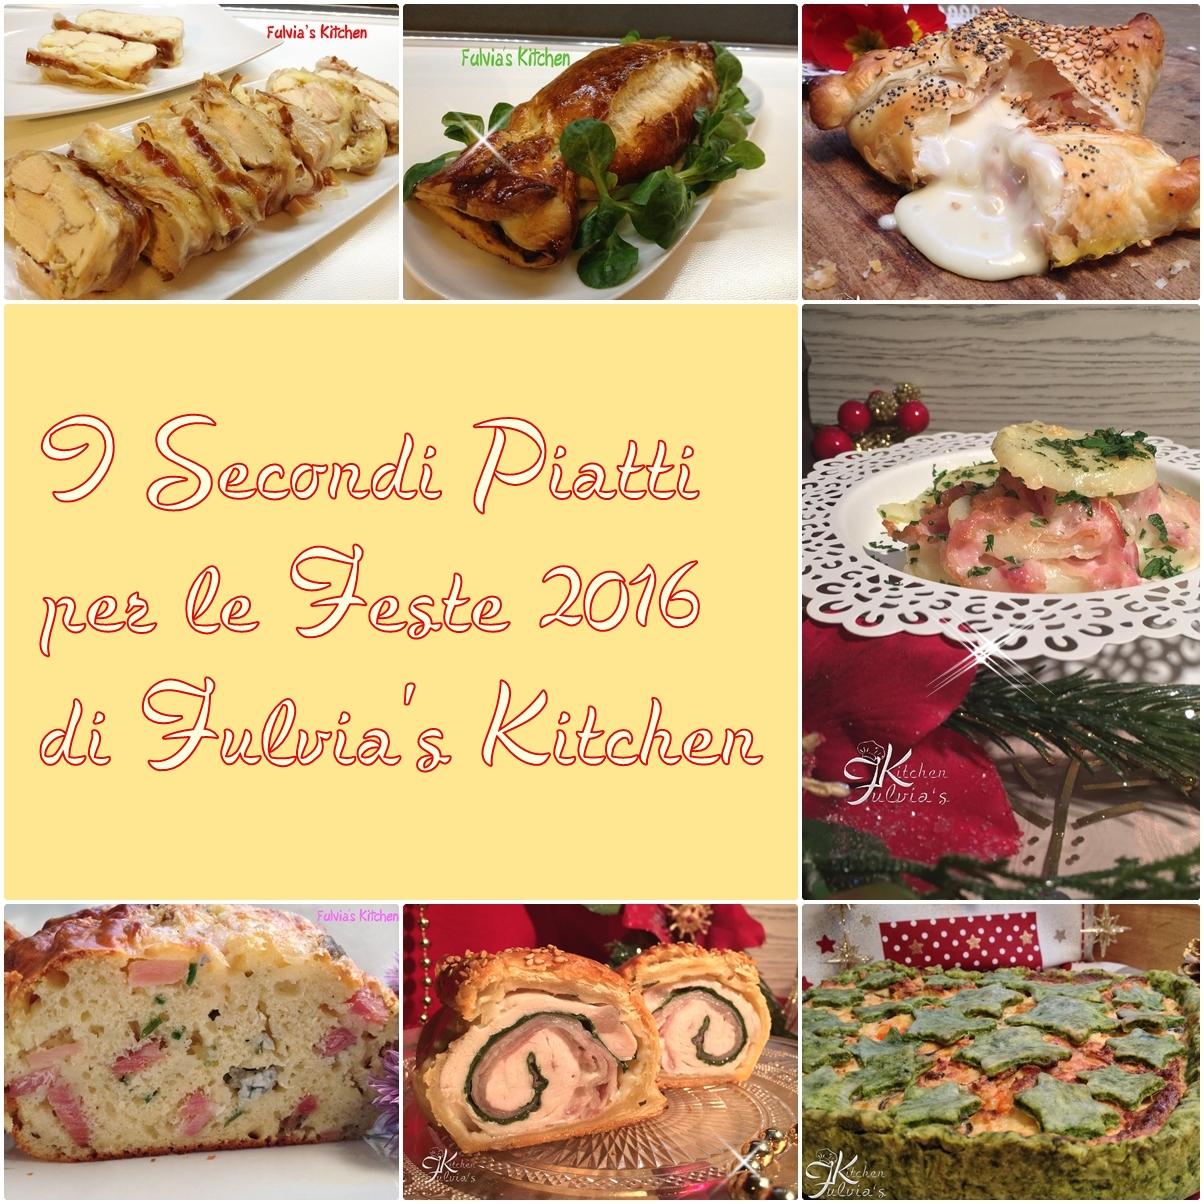 Secondi piatti per le Feste 2016